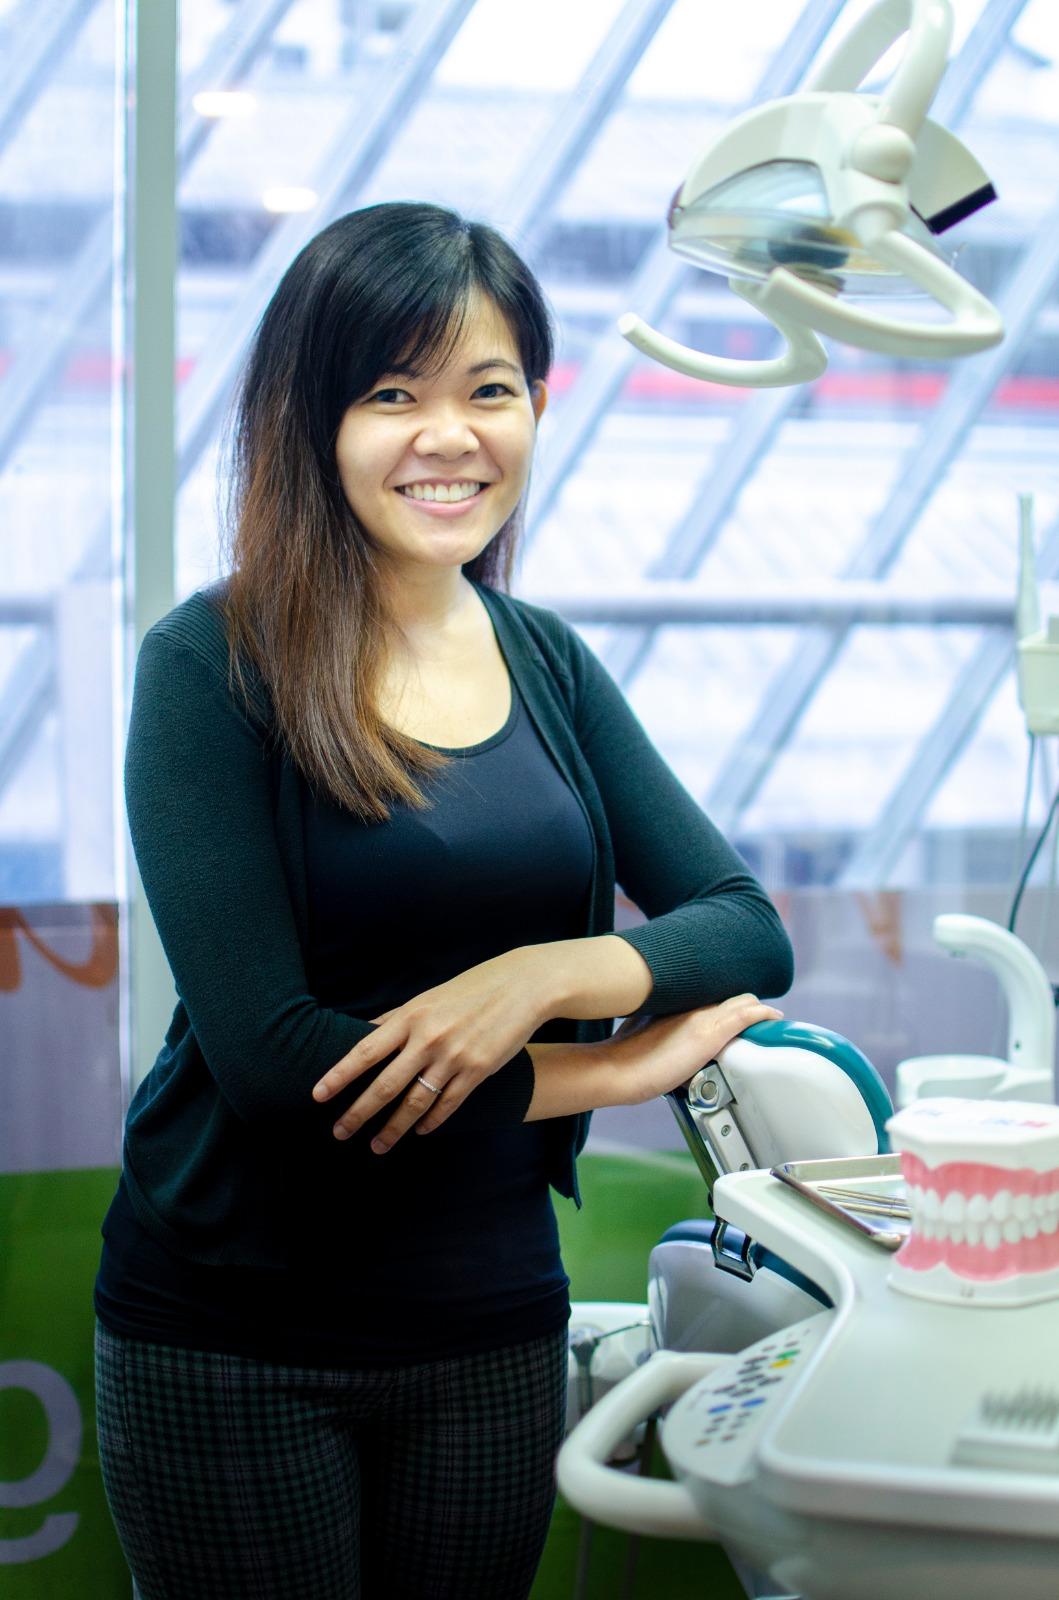 Greenlife Dentist Dr kaydence chong